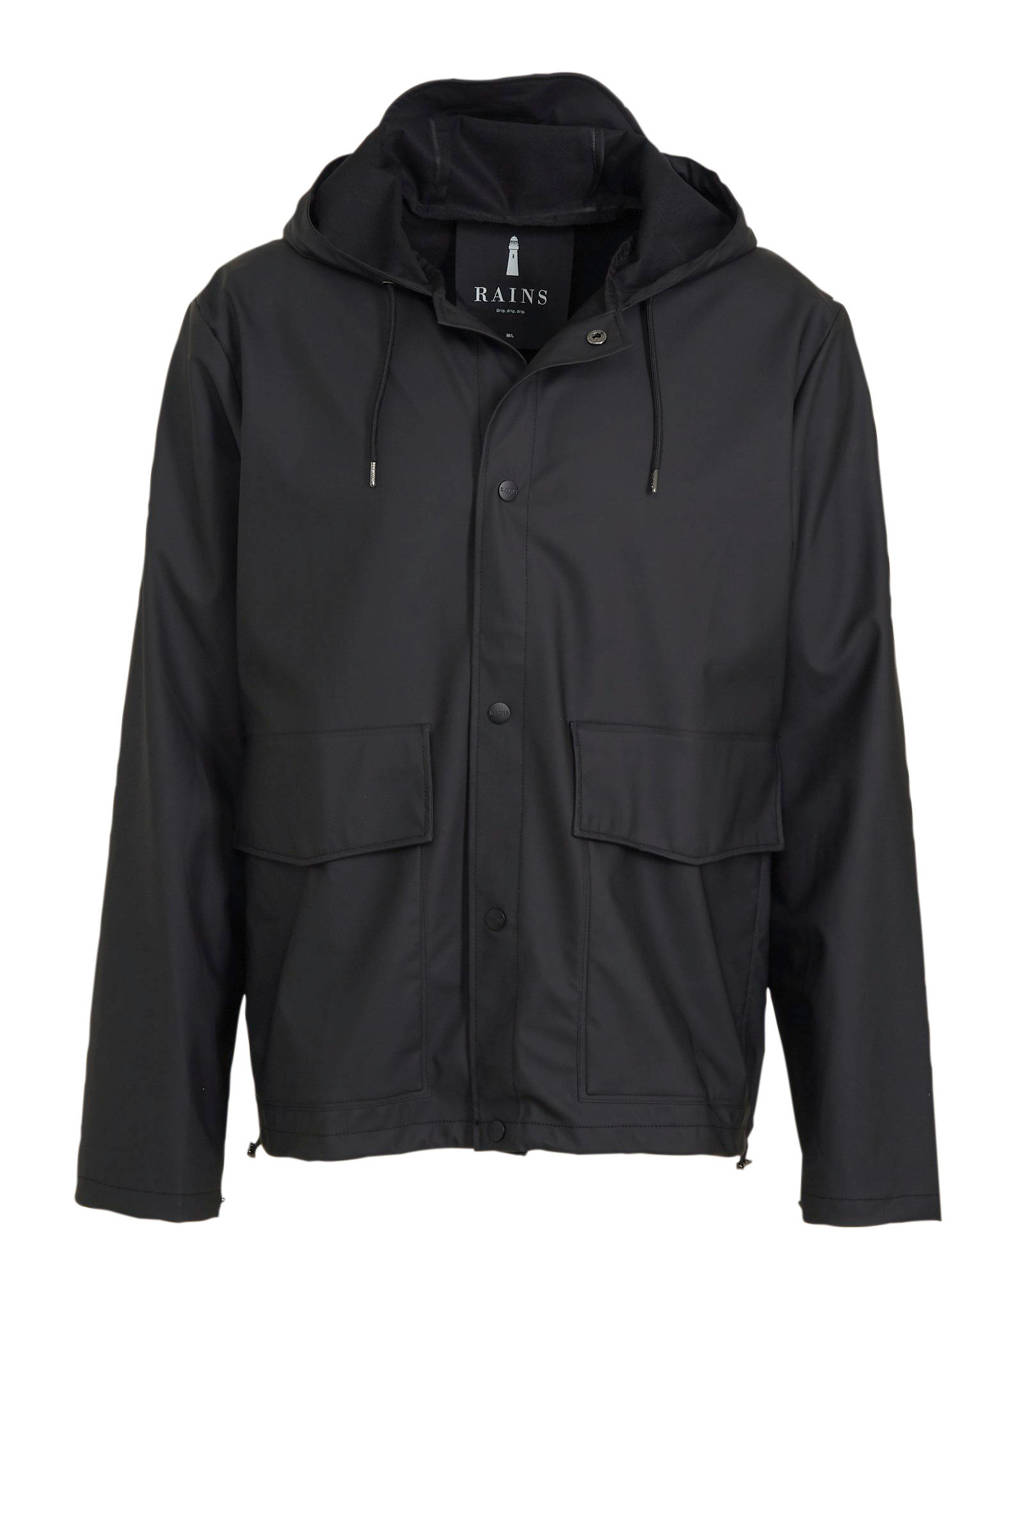 Rains regenjas model 1826, Short Hooded Coat, Zwart